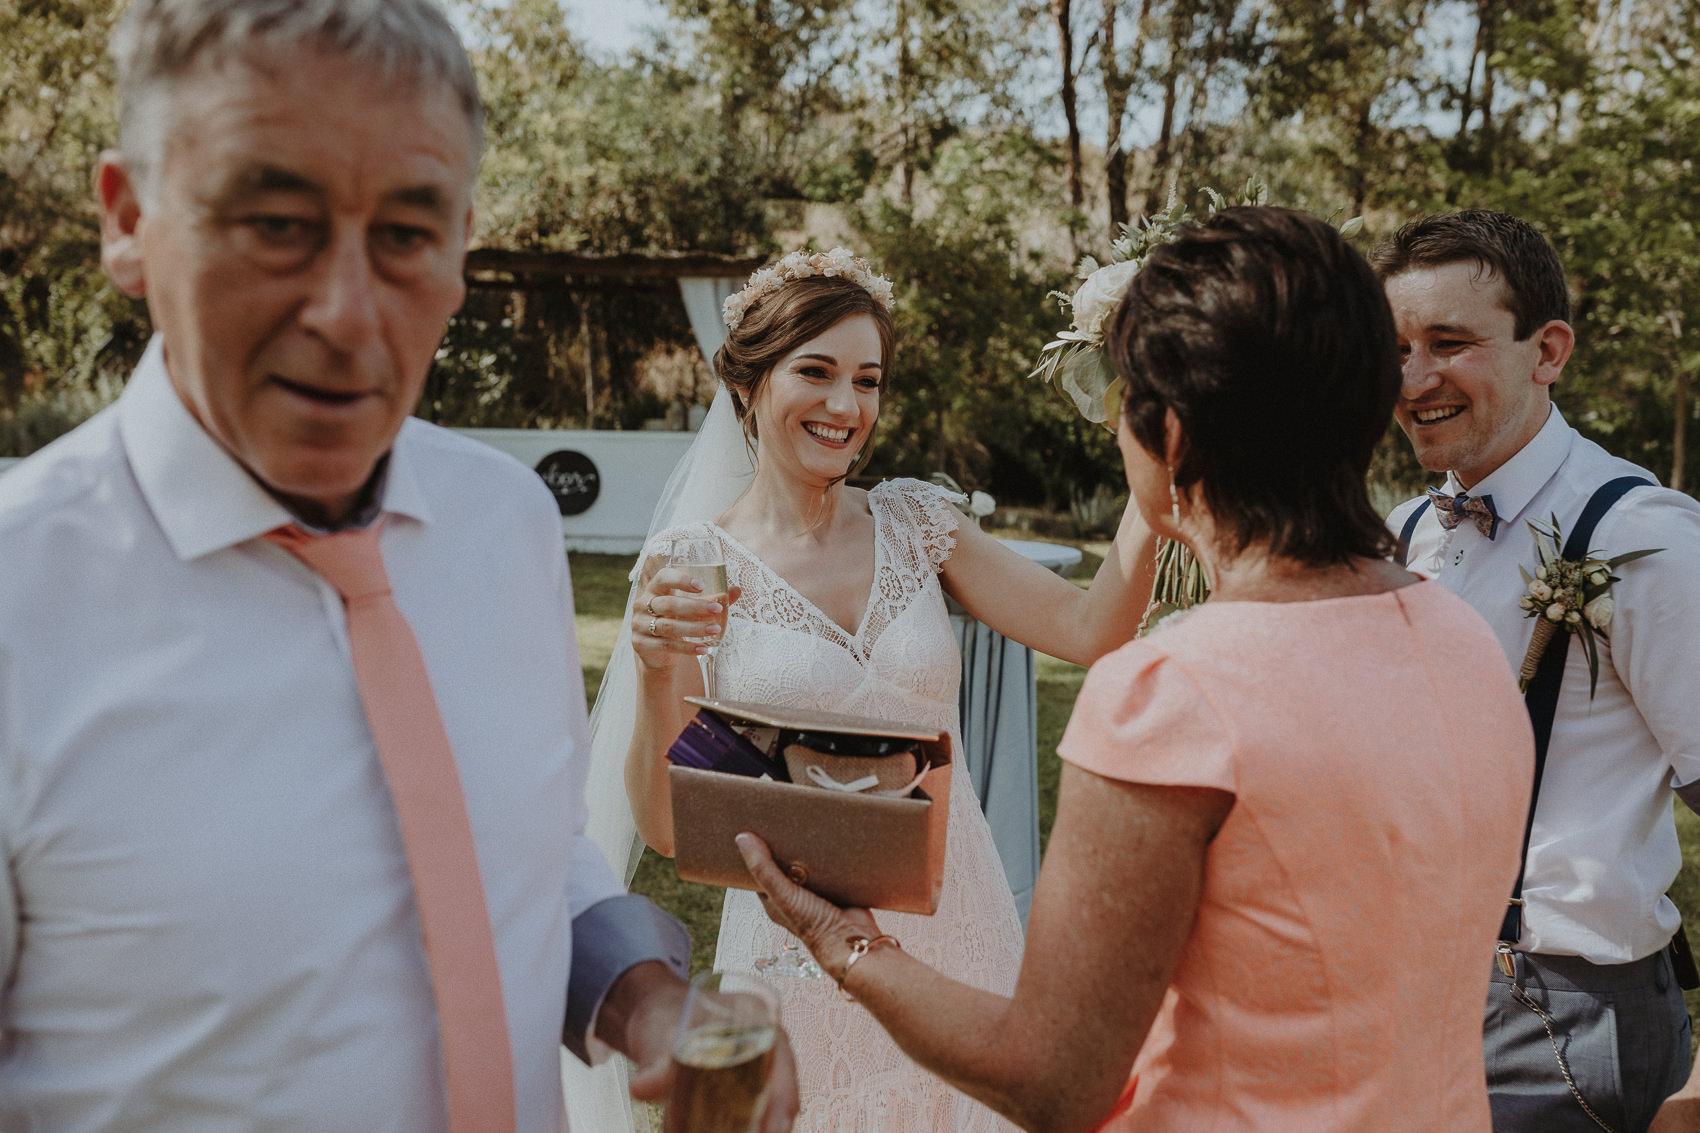 Sarah & Bill | Summer wedding at Cortijo Rosa Blanca | Marbella - Spain 88